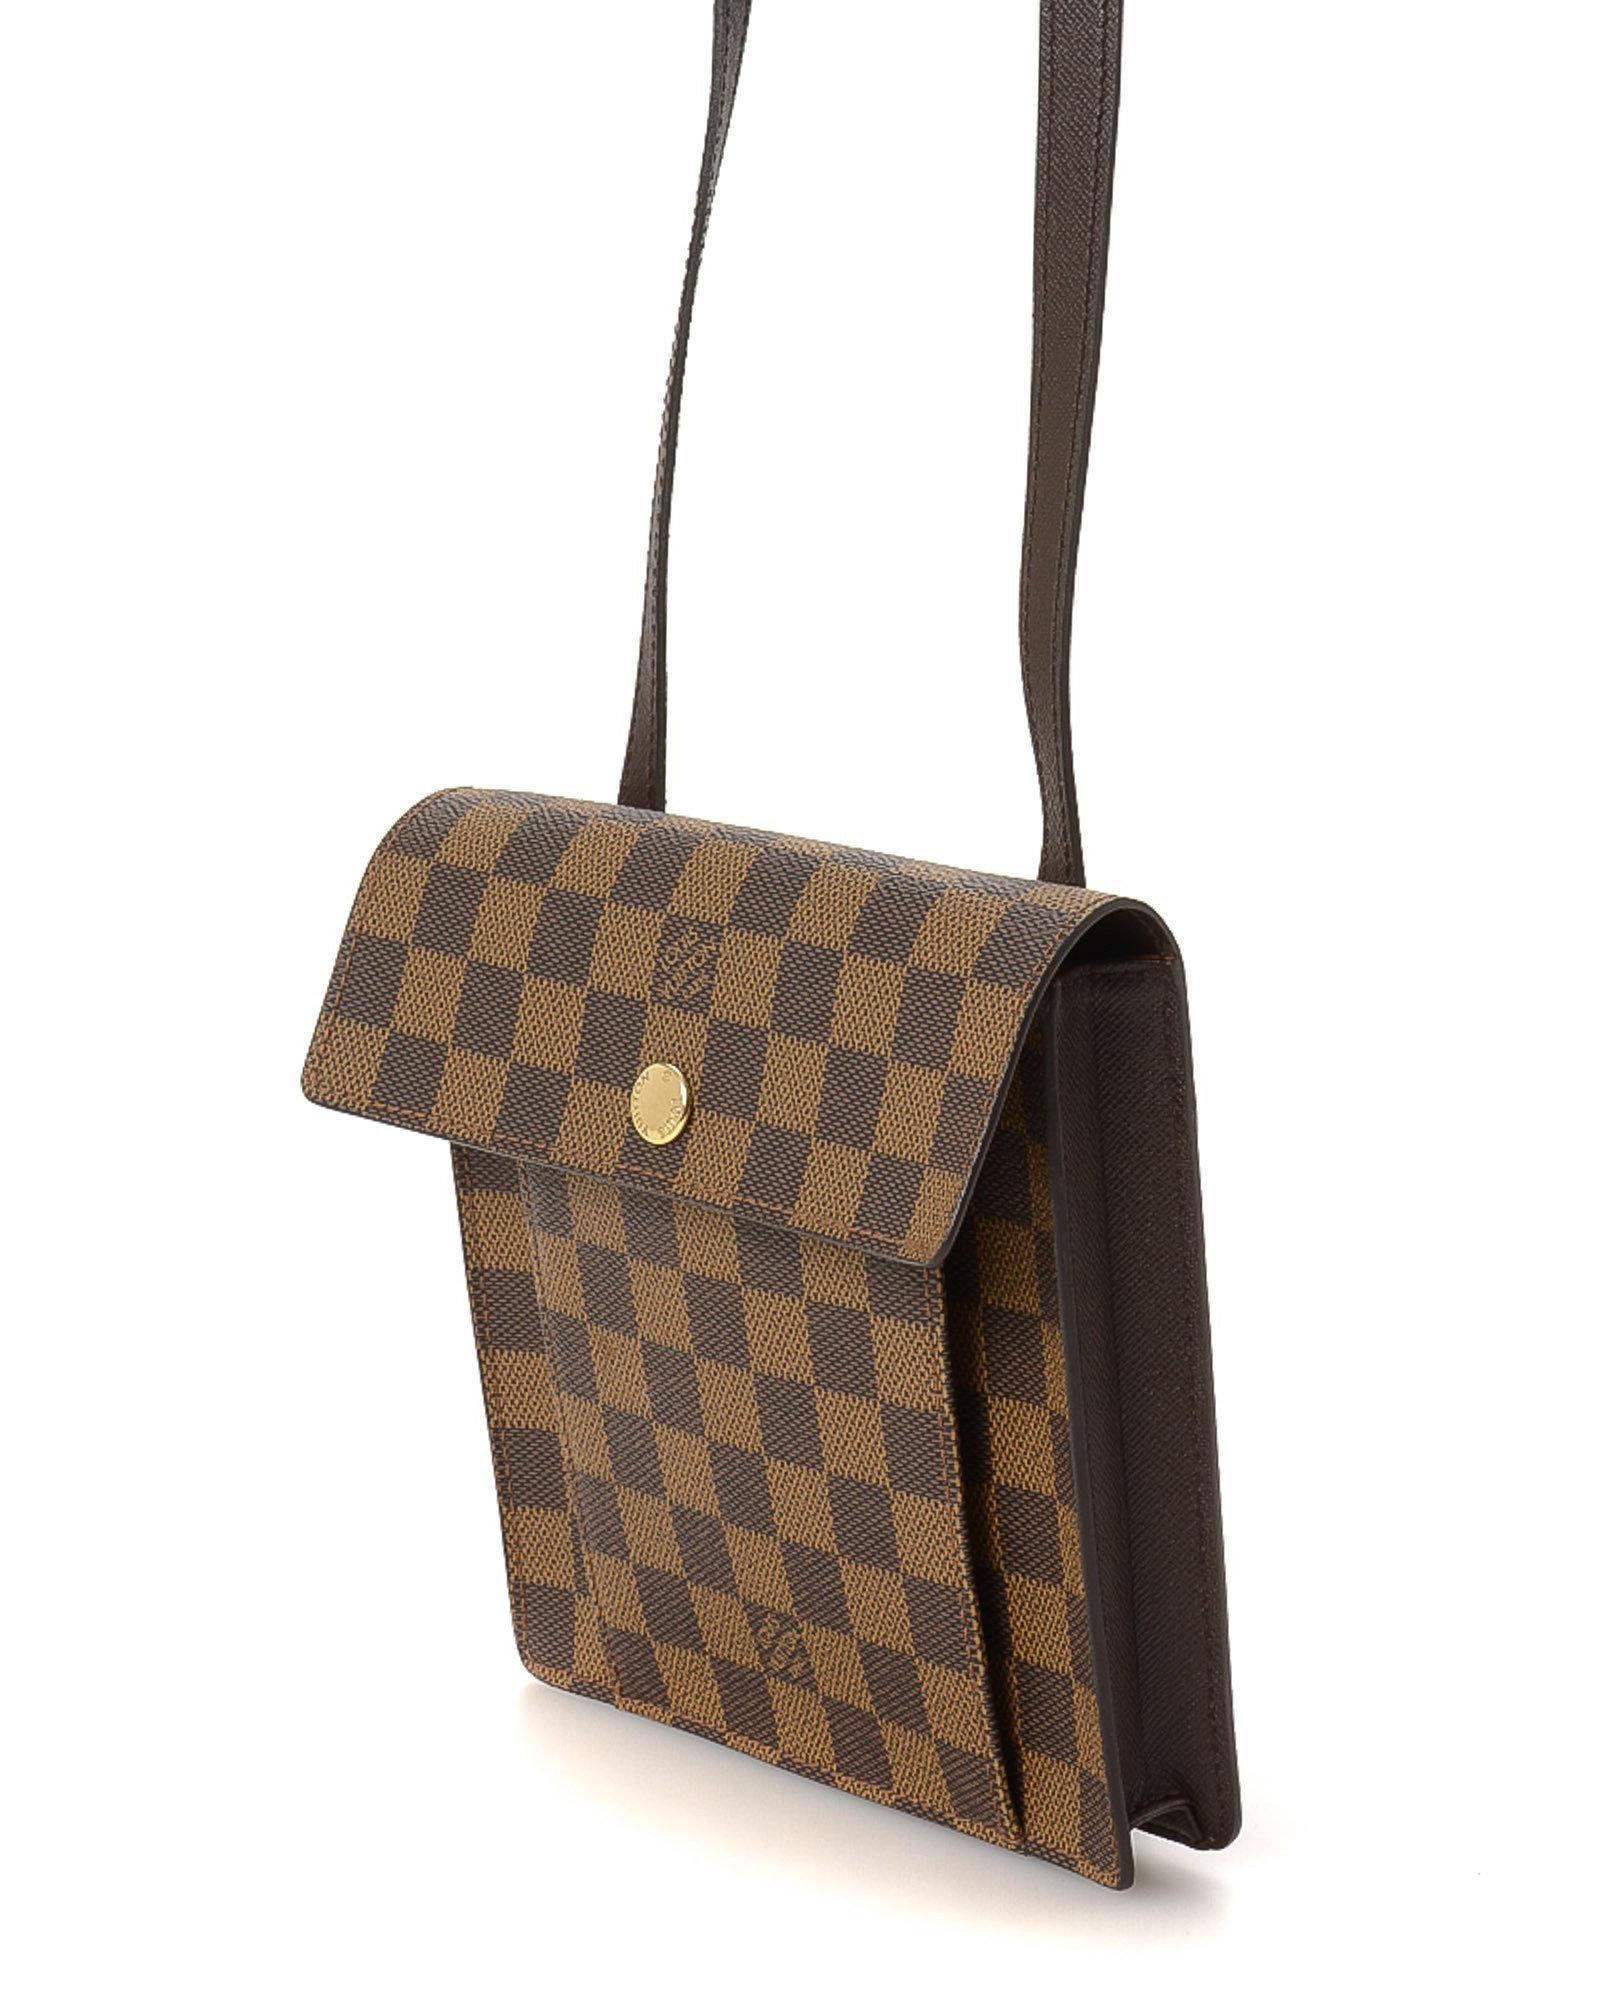 e29539cbe316 Lyst - Louis Vuitton Pimlico Crossbody - Vintage in Brown